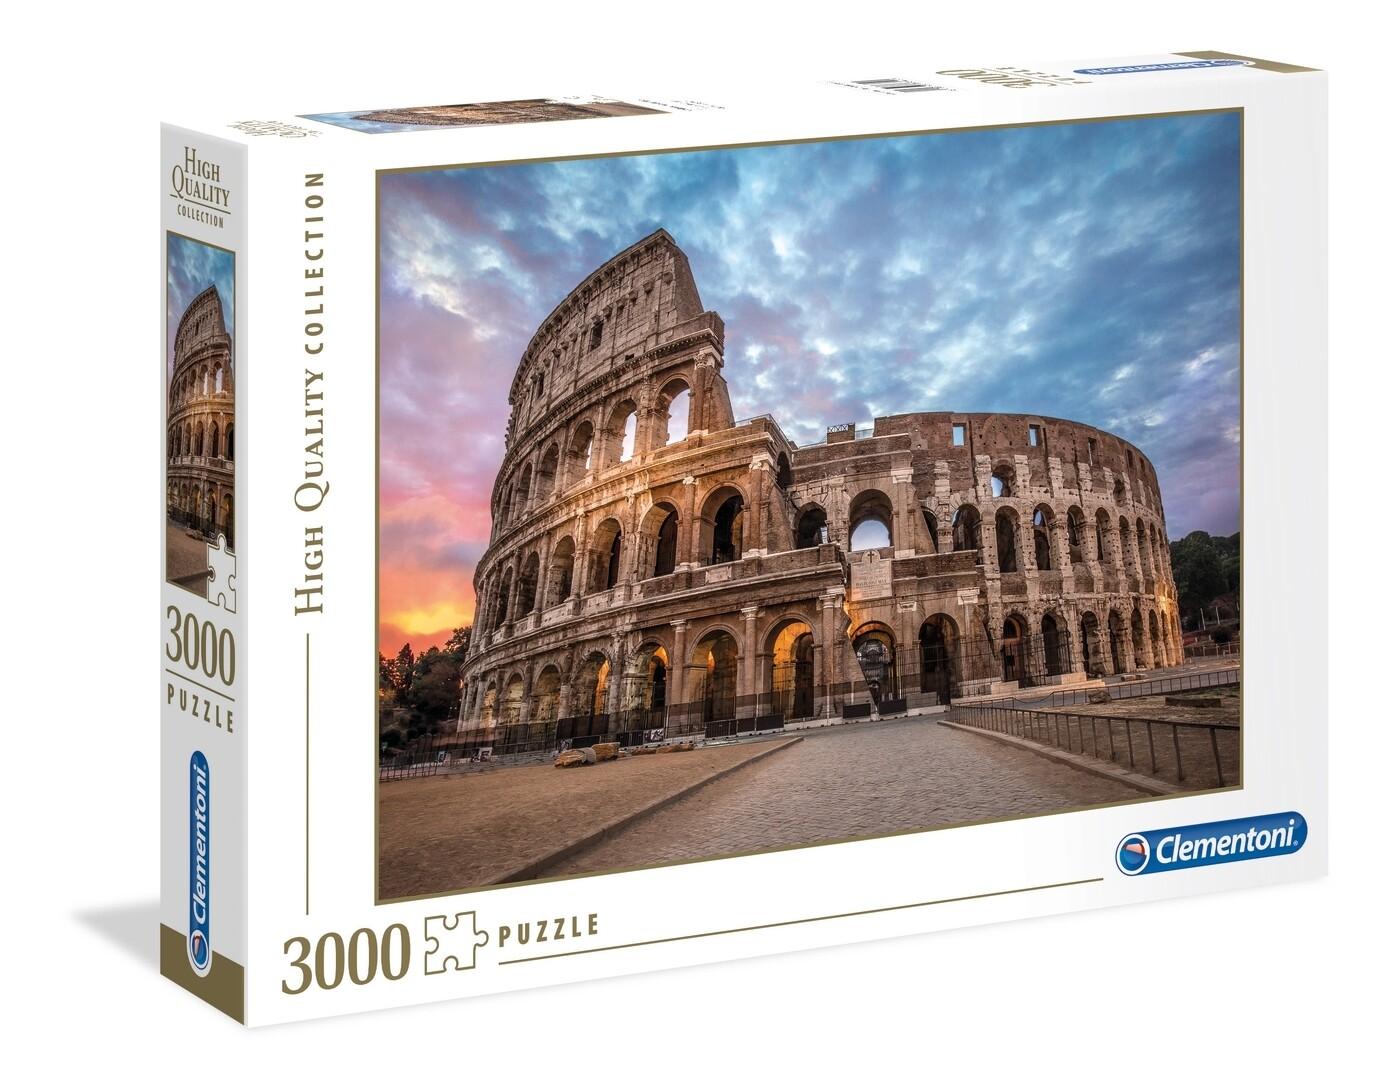 PUZZLE 3000 HQ Colosseum Sunrise - CLEMENTONI